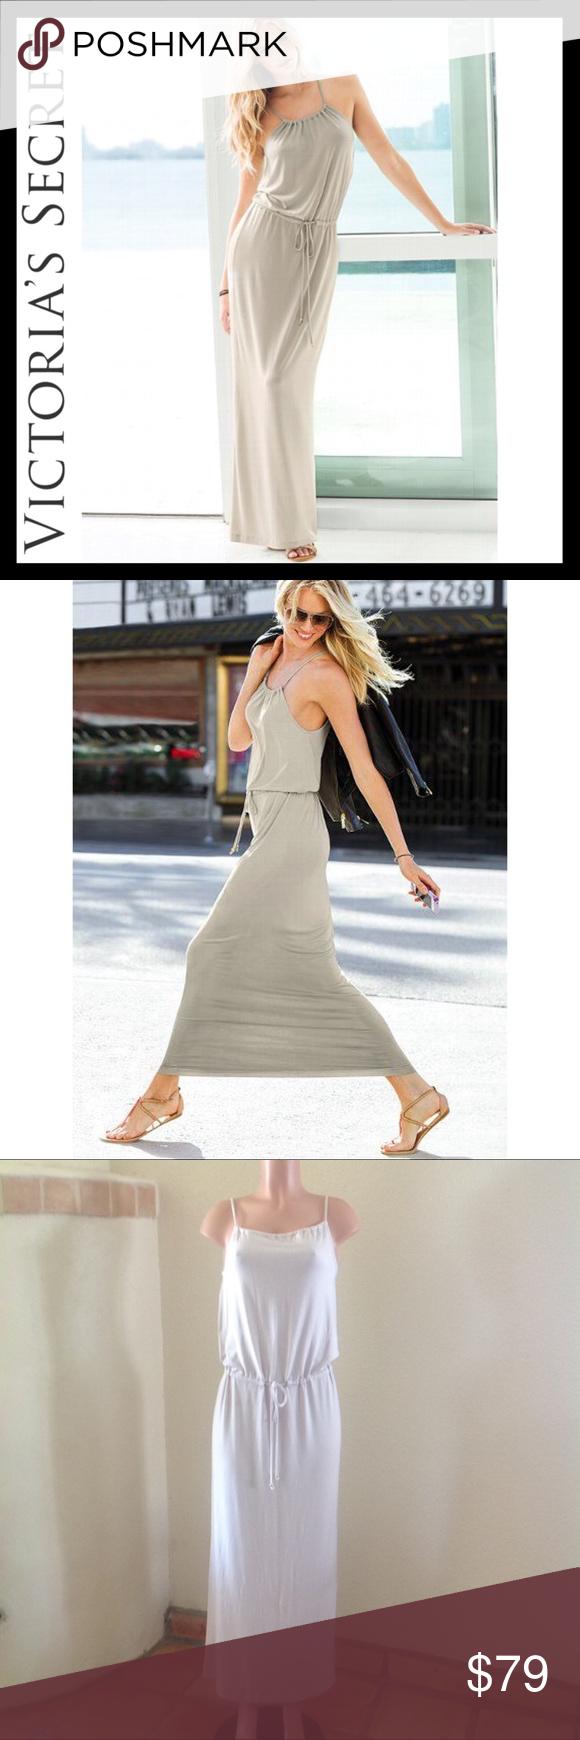 Victoria S Secret Supermodel Essentials Maxi Dress Dresses Clothes Design Victoria Dress [ 1740 x 580 Pixel ]